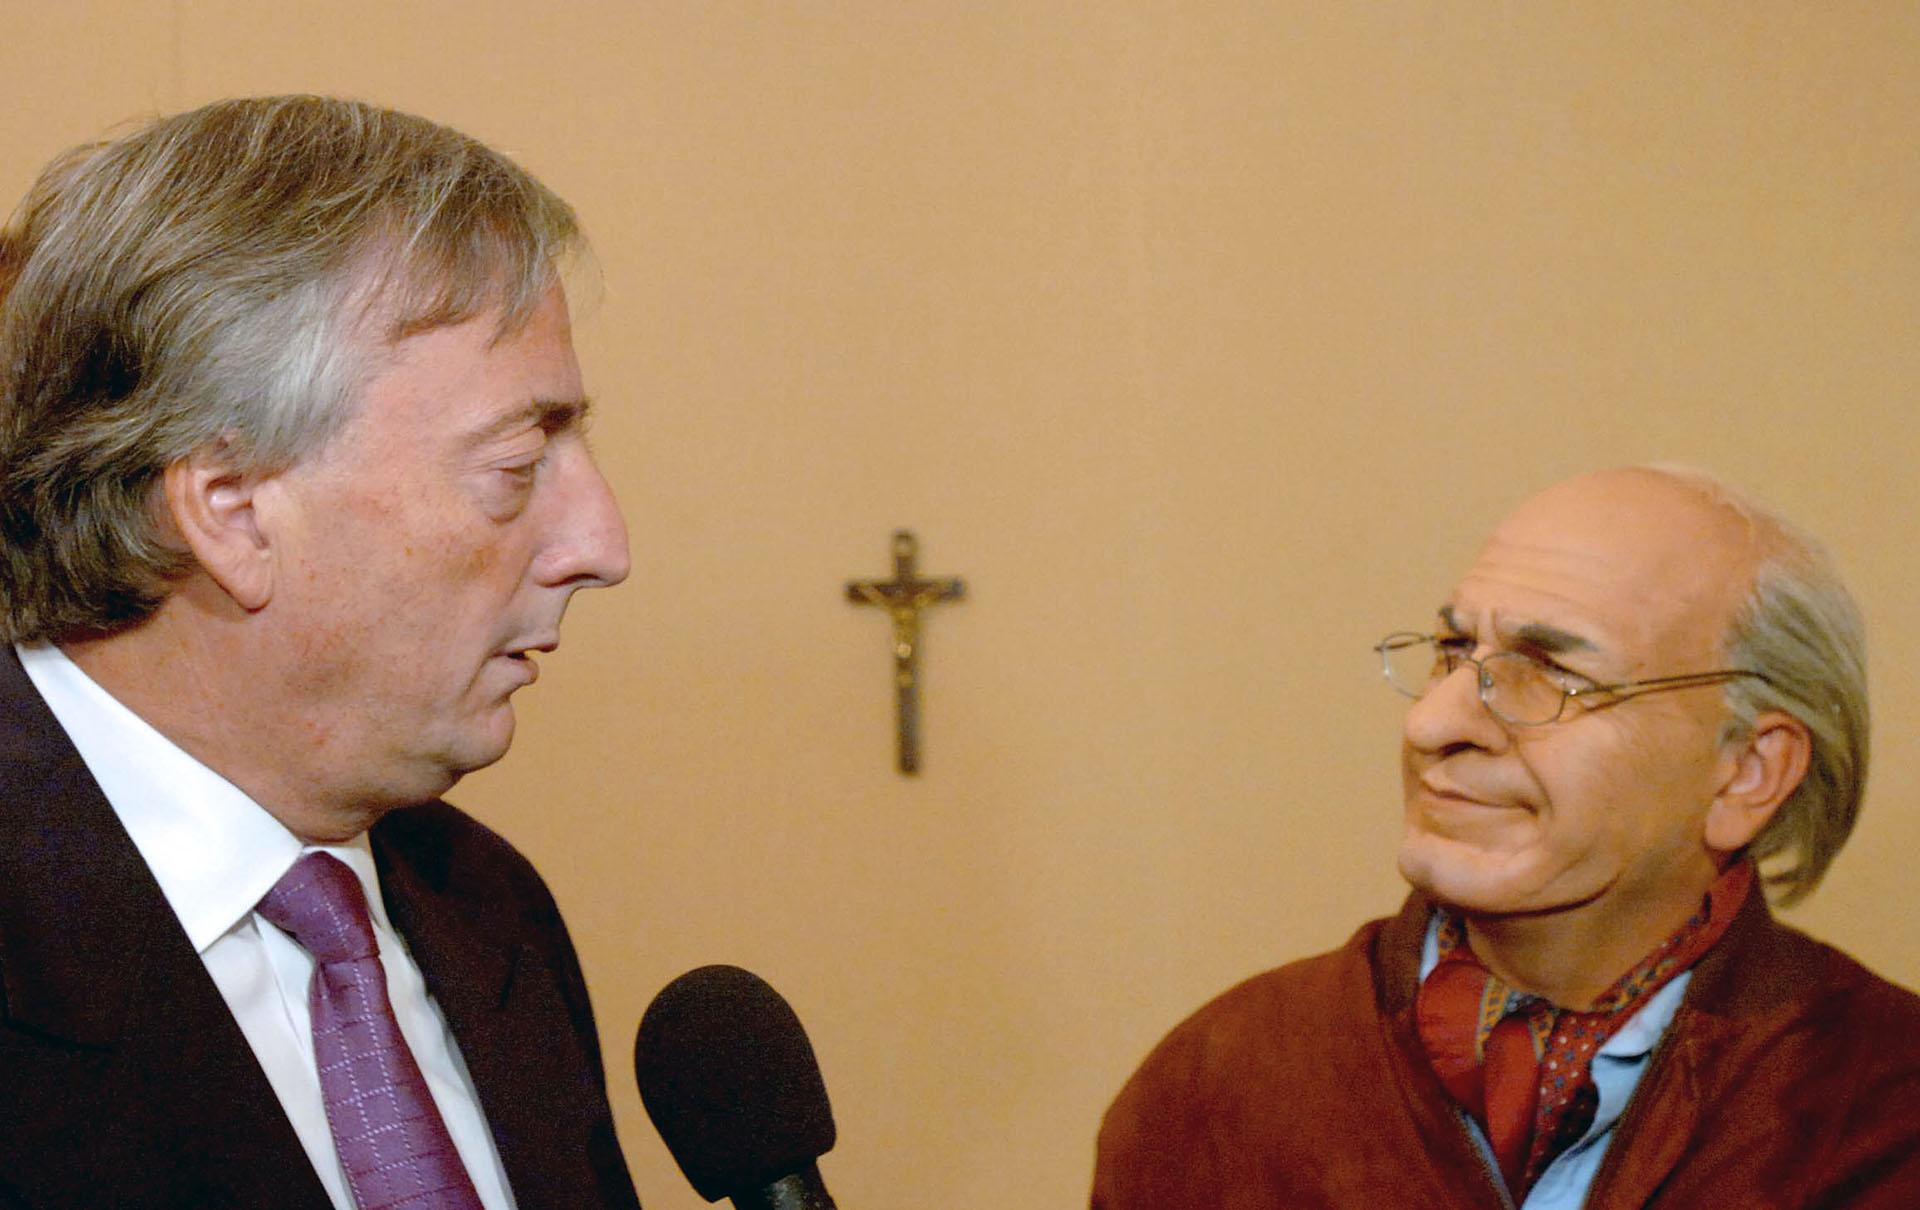 El presidente Néstor Kirchner graba un encuentro con el actor Freddy Villarreal interpretando a Fernando, en Casa de Gobierno, que se emitió en ShowMatch